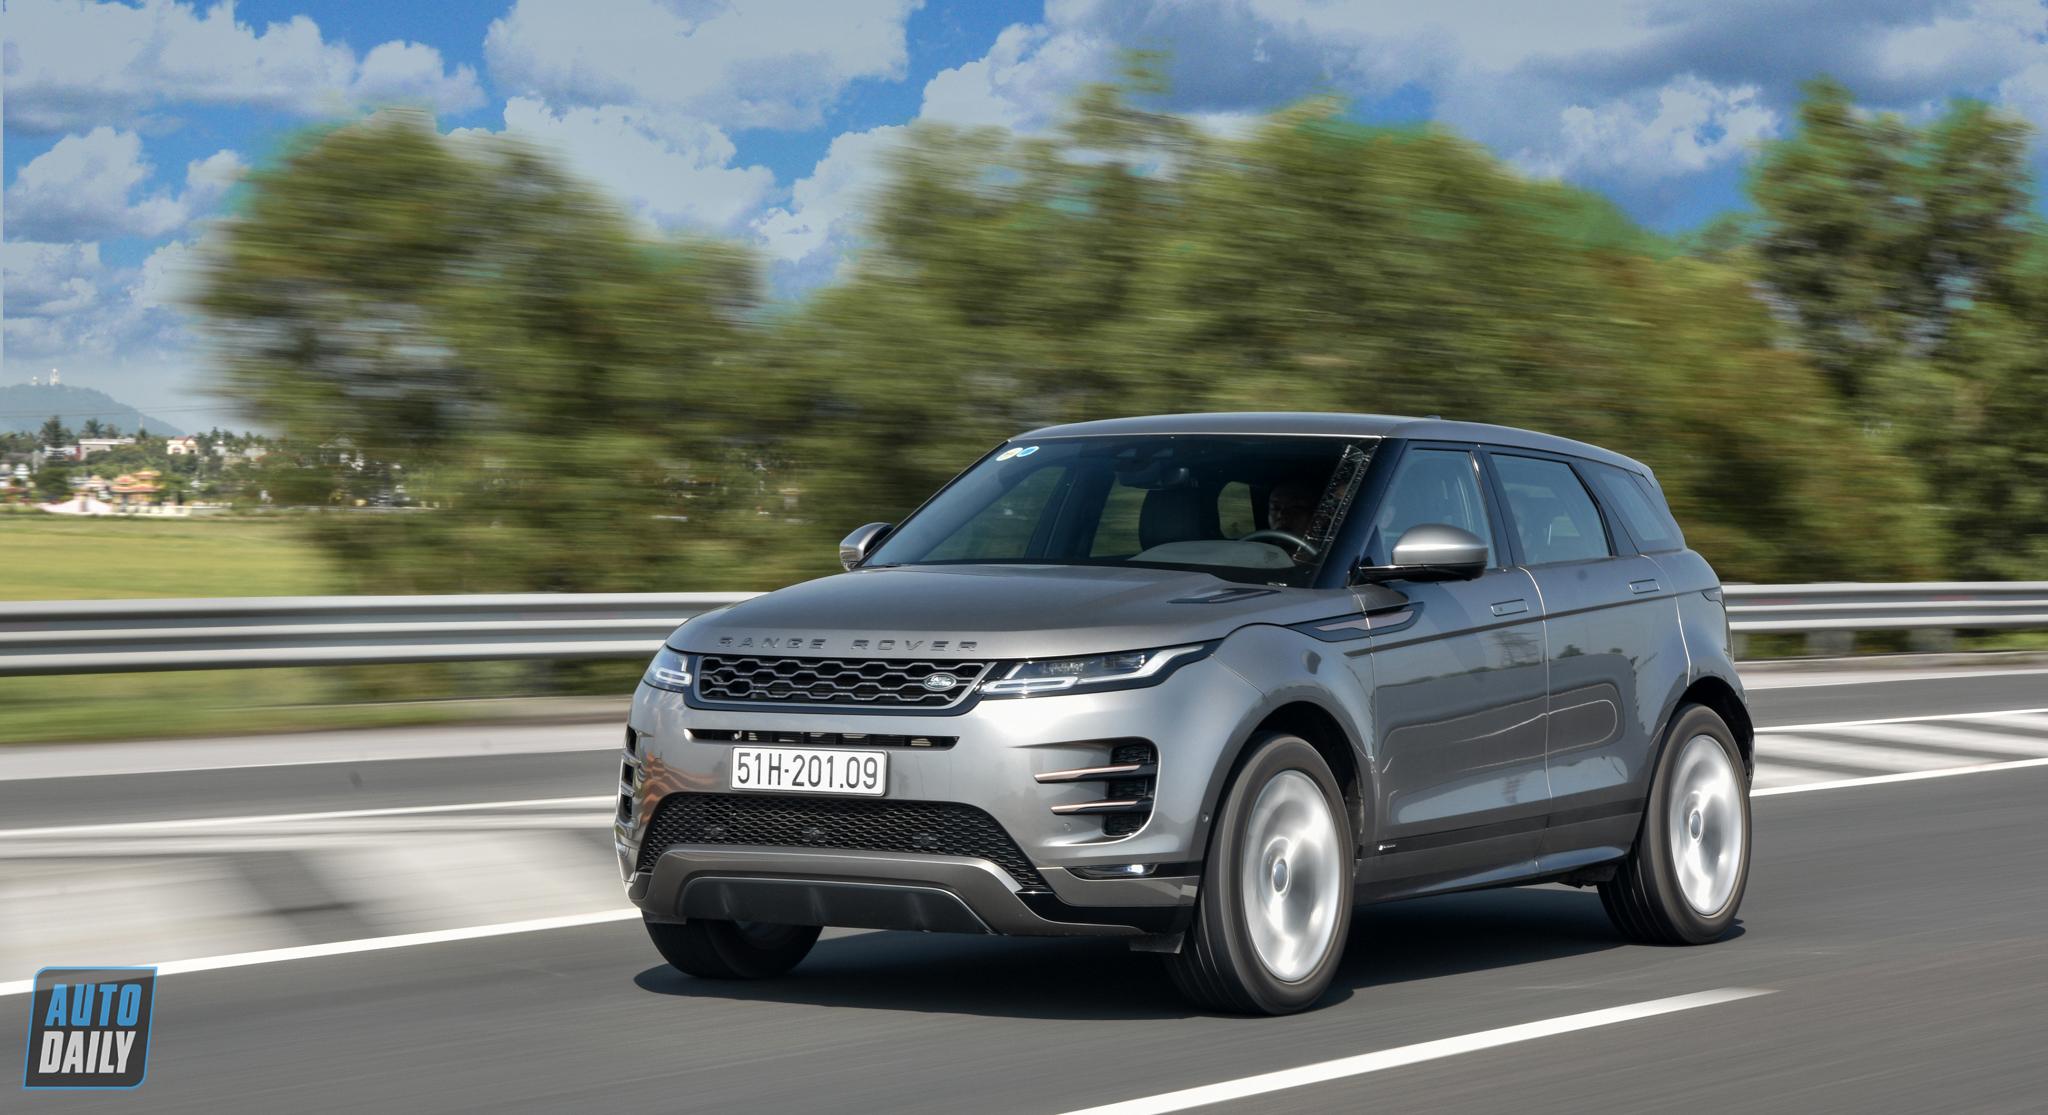 """Đánh giá Range Rover Evoque 2020: """"Chất"""" SUV hạng sang Anh quốc"""